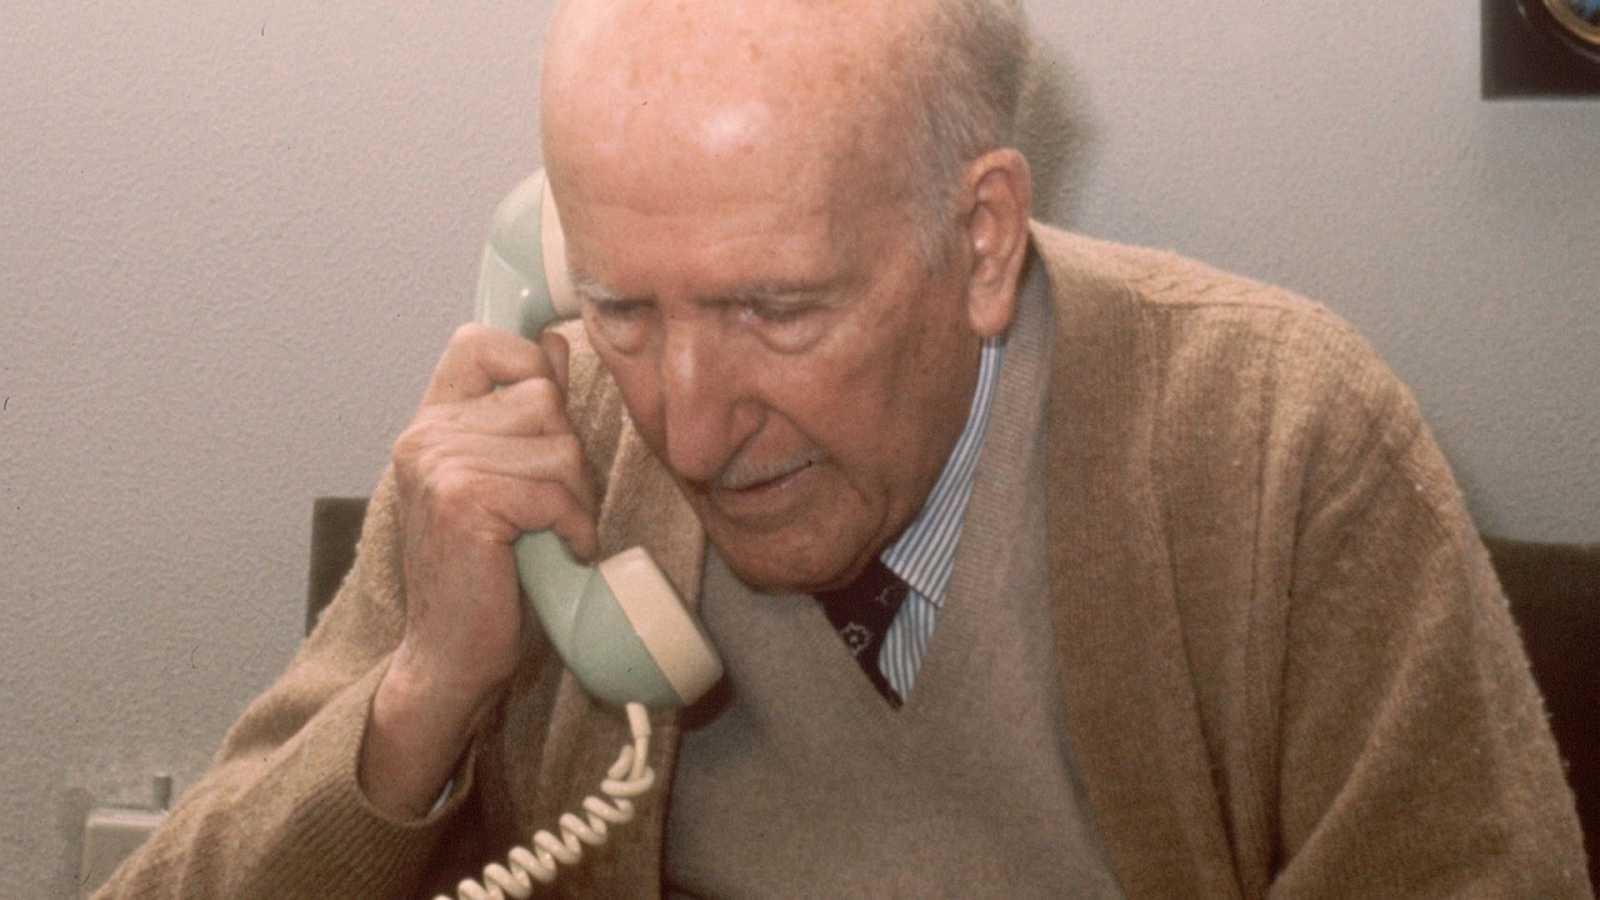 Hoy empieza todo con Marta Echeverría - Barriupedia: Todo Aleixandre - 23/01/2018